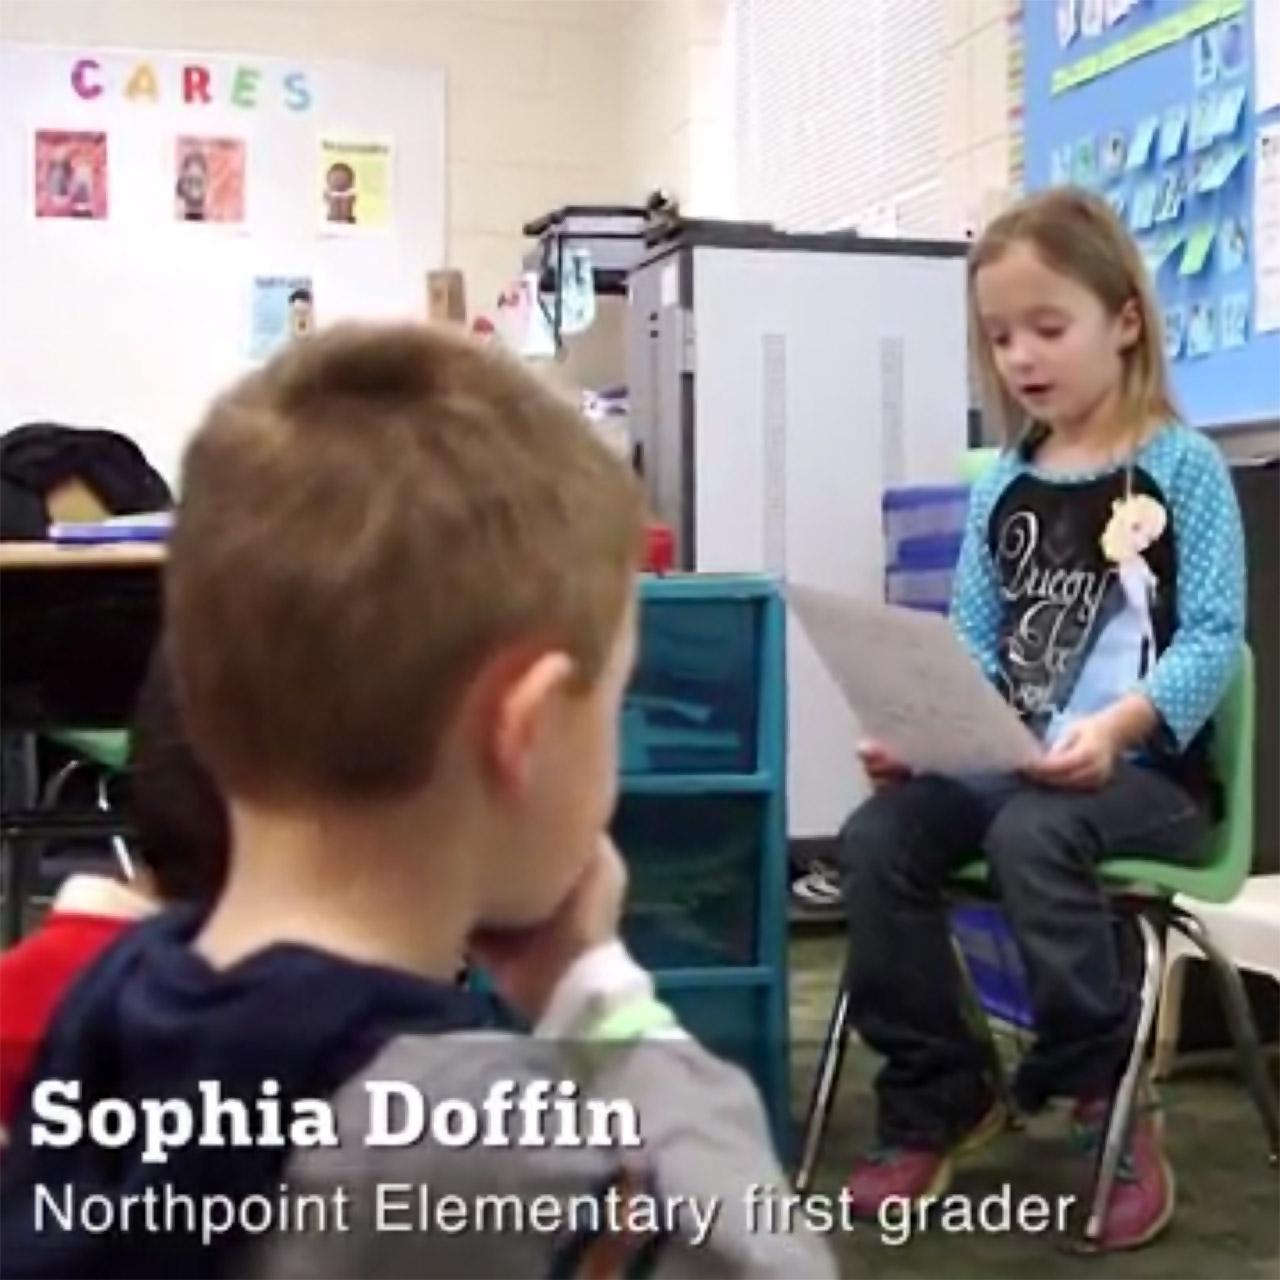 Sophia Doffin reads letter to Minnesota Vikings kicker Blair Walsh